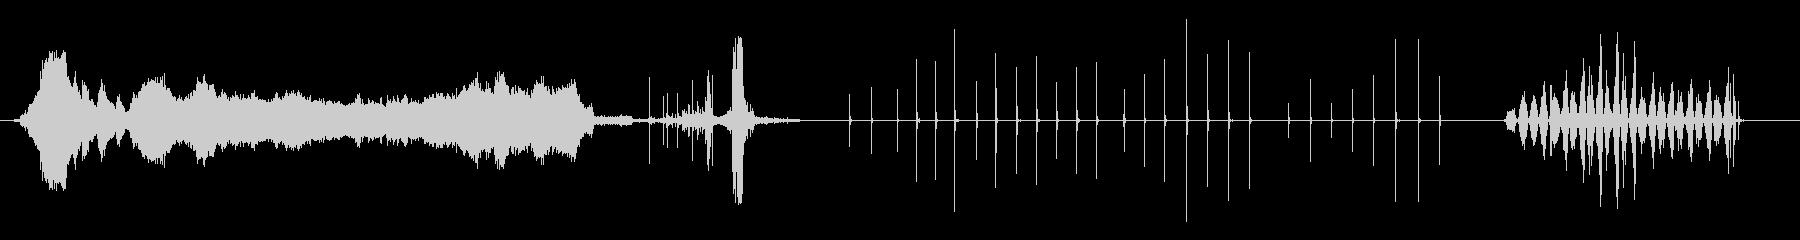 チェーンソー、斧、のこぎり-楽器の未再生の波形